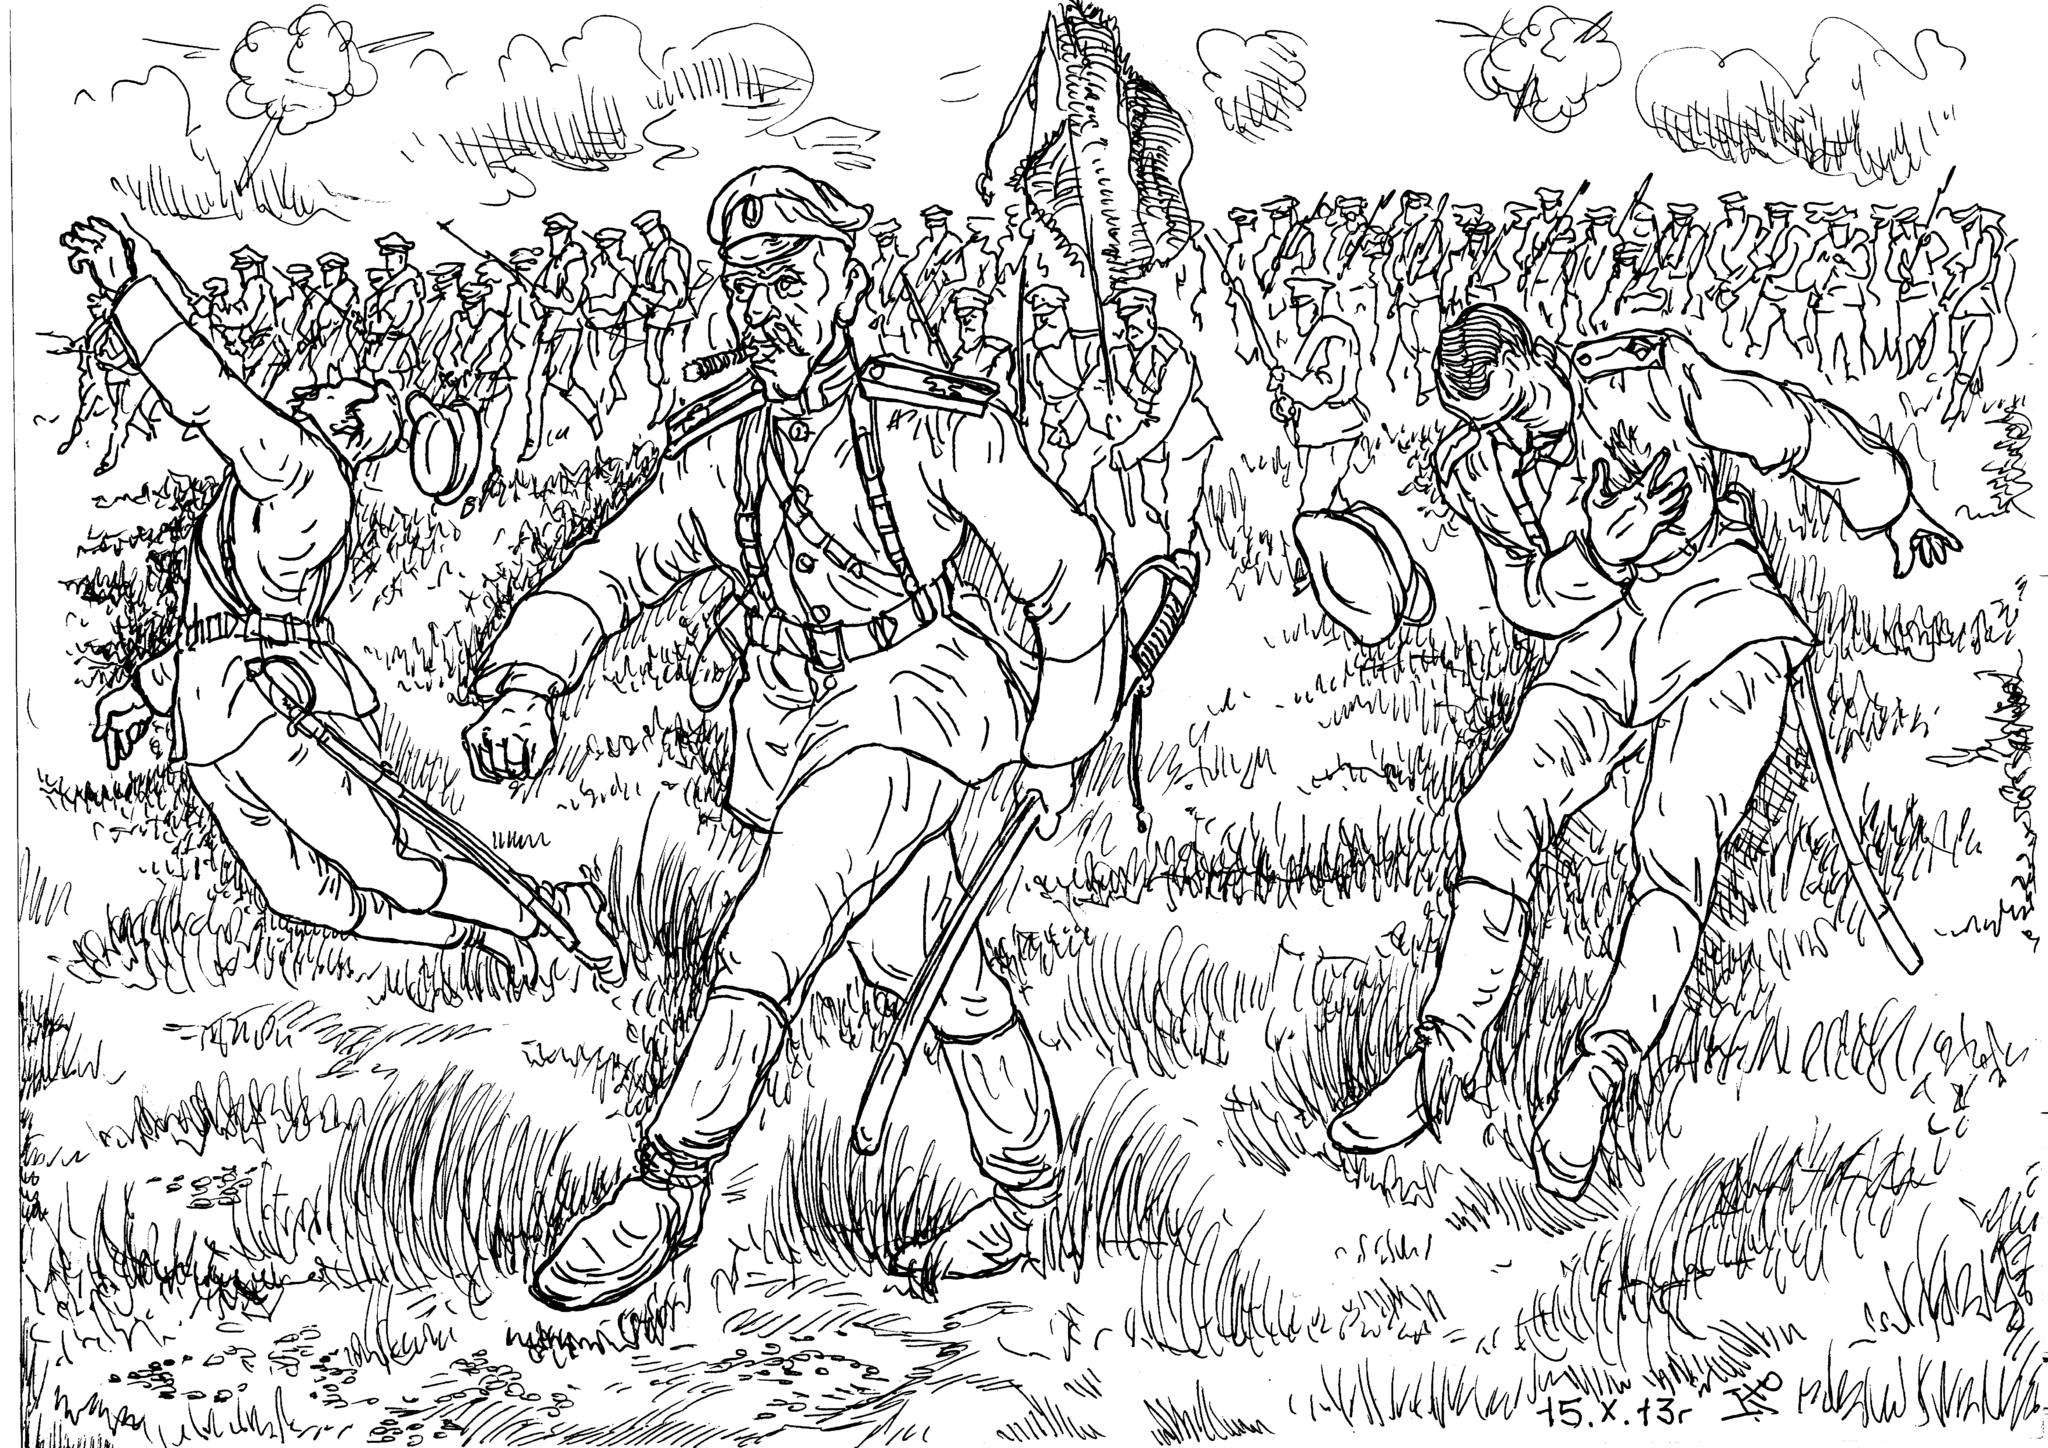 Царский офицер поднимал своих солдат в атаку, первым поднимаясь из траншеи